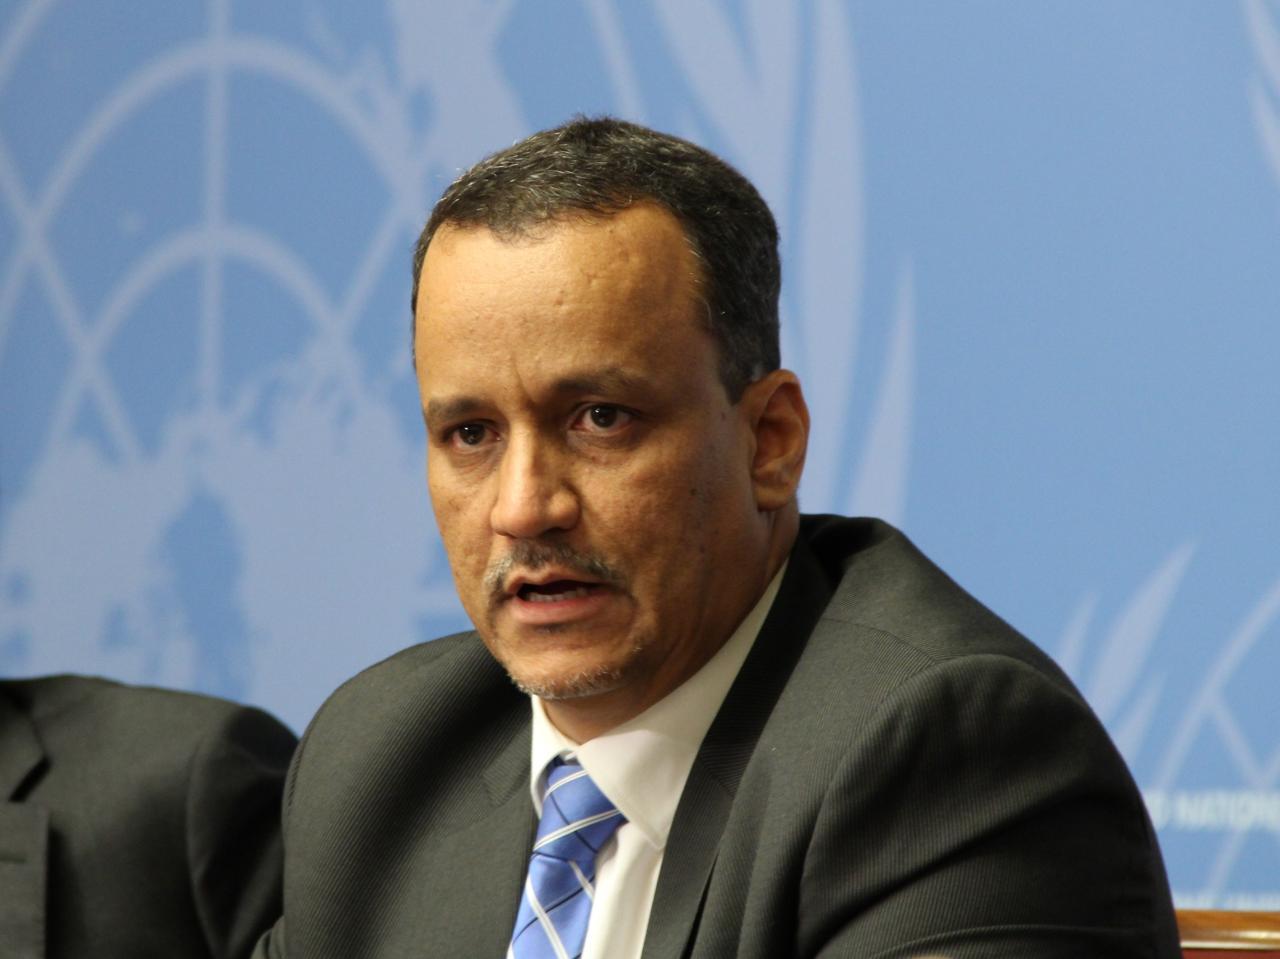 ولد الشيخ: على الأطراف اليمنية التحلي بالهدوء والاحتكام للعقل